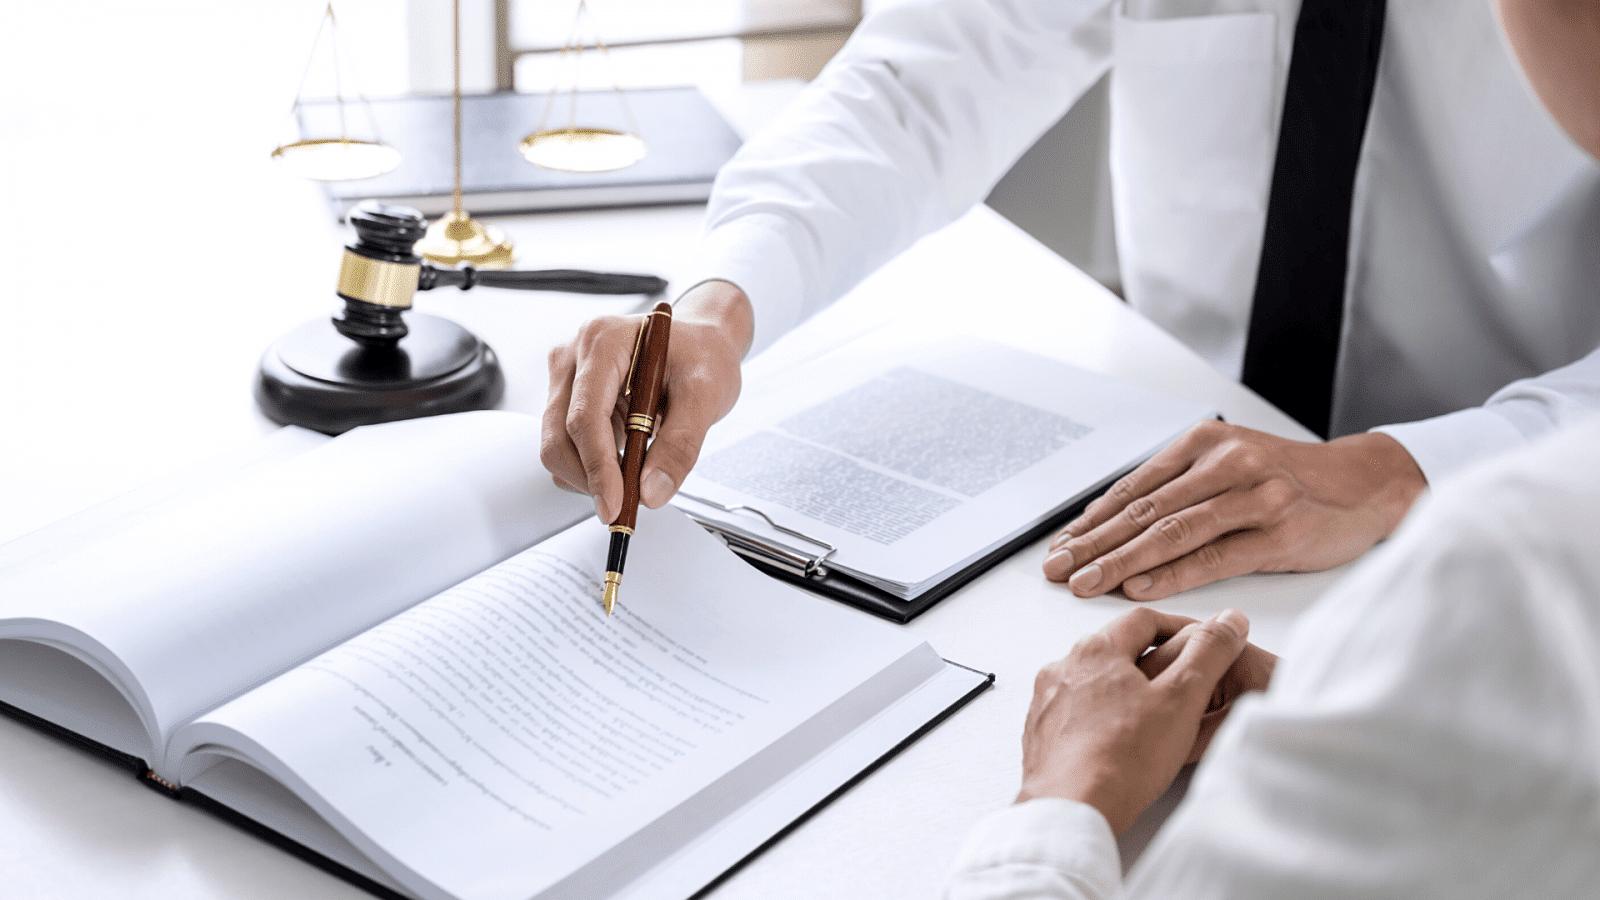 Wskazanie długopisem określonego tekstu w kodeksie prawa